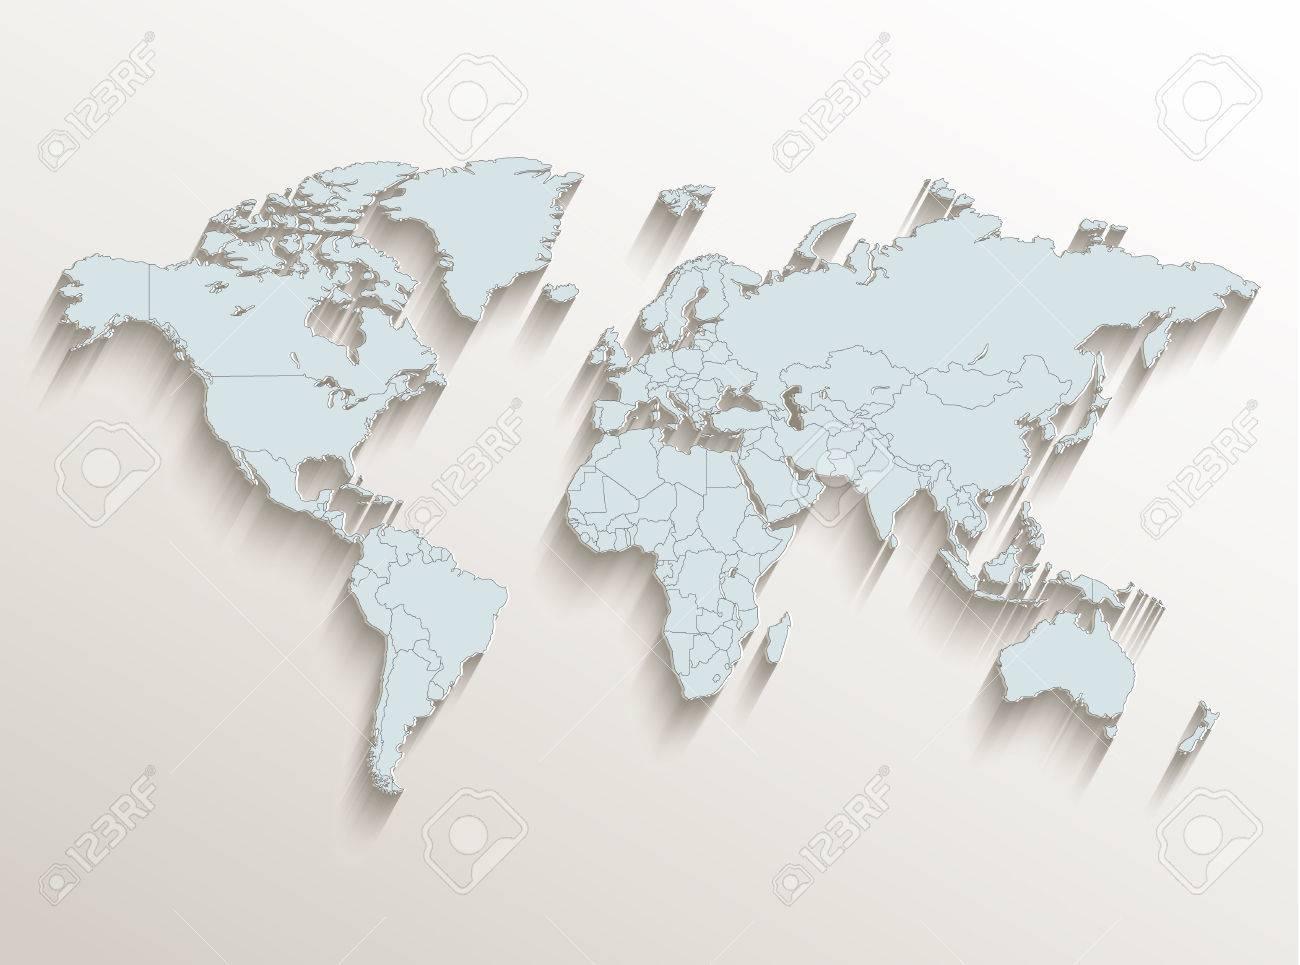 World political map white blue 3d raster stock photo picture and stock photo world political map white blue 3d raster gumiabroncs Choice Image